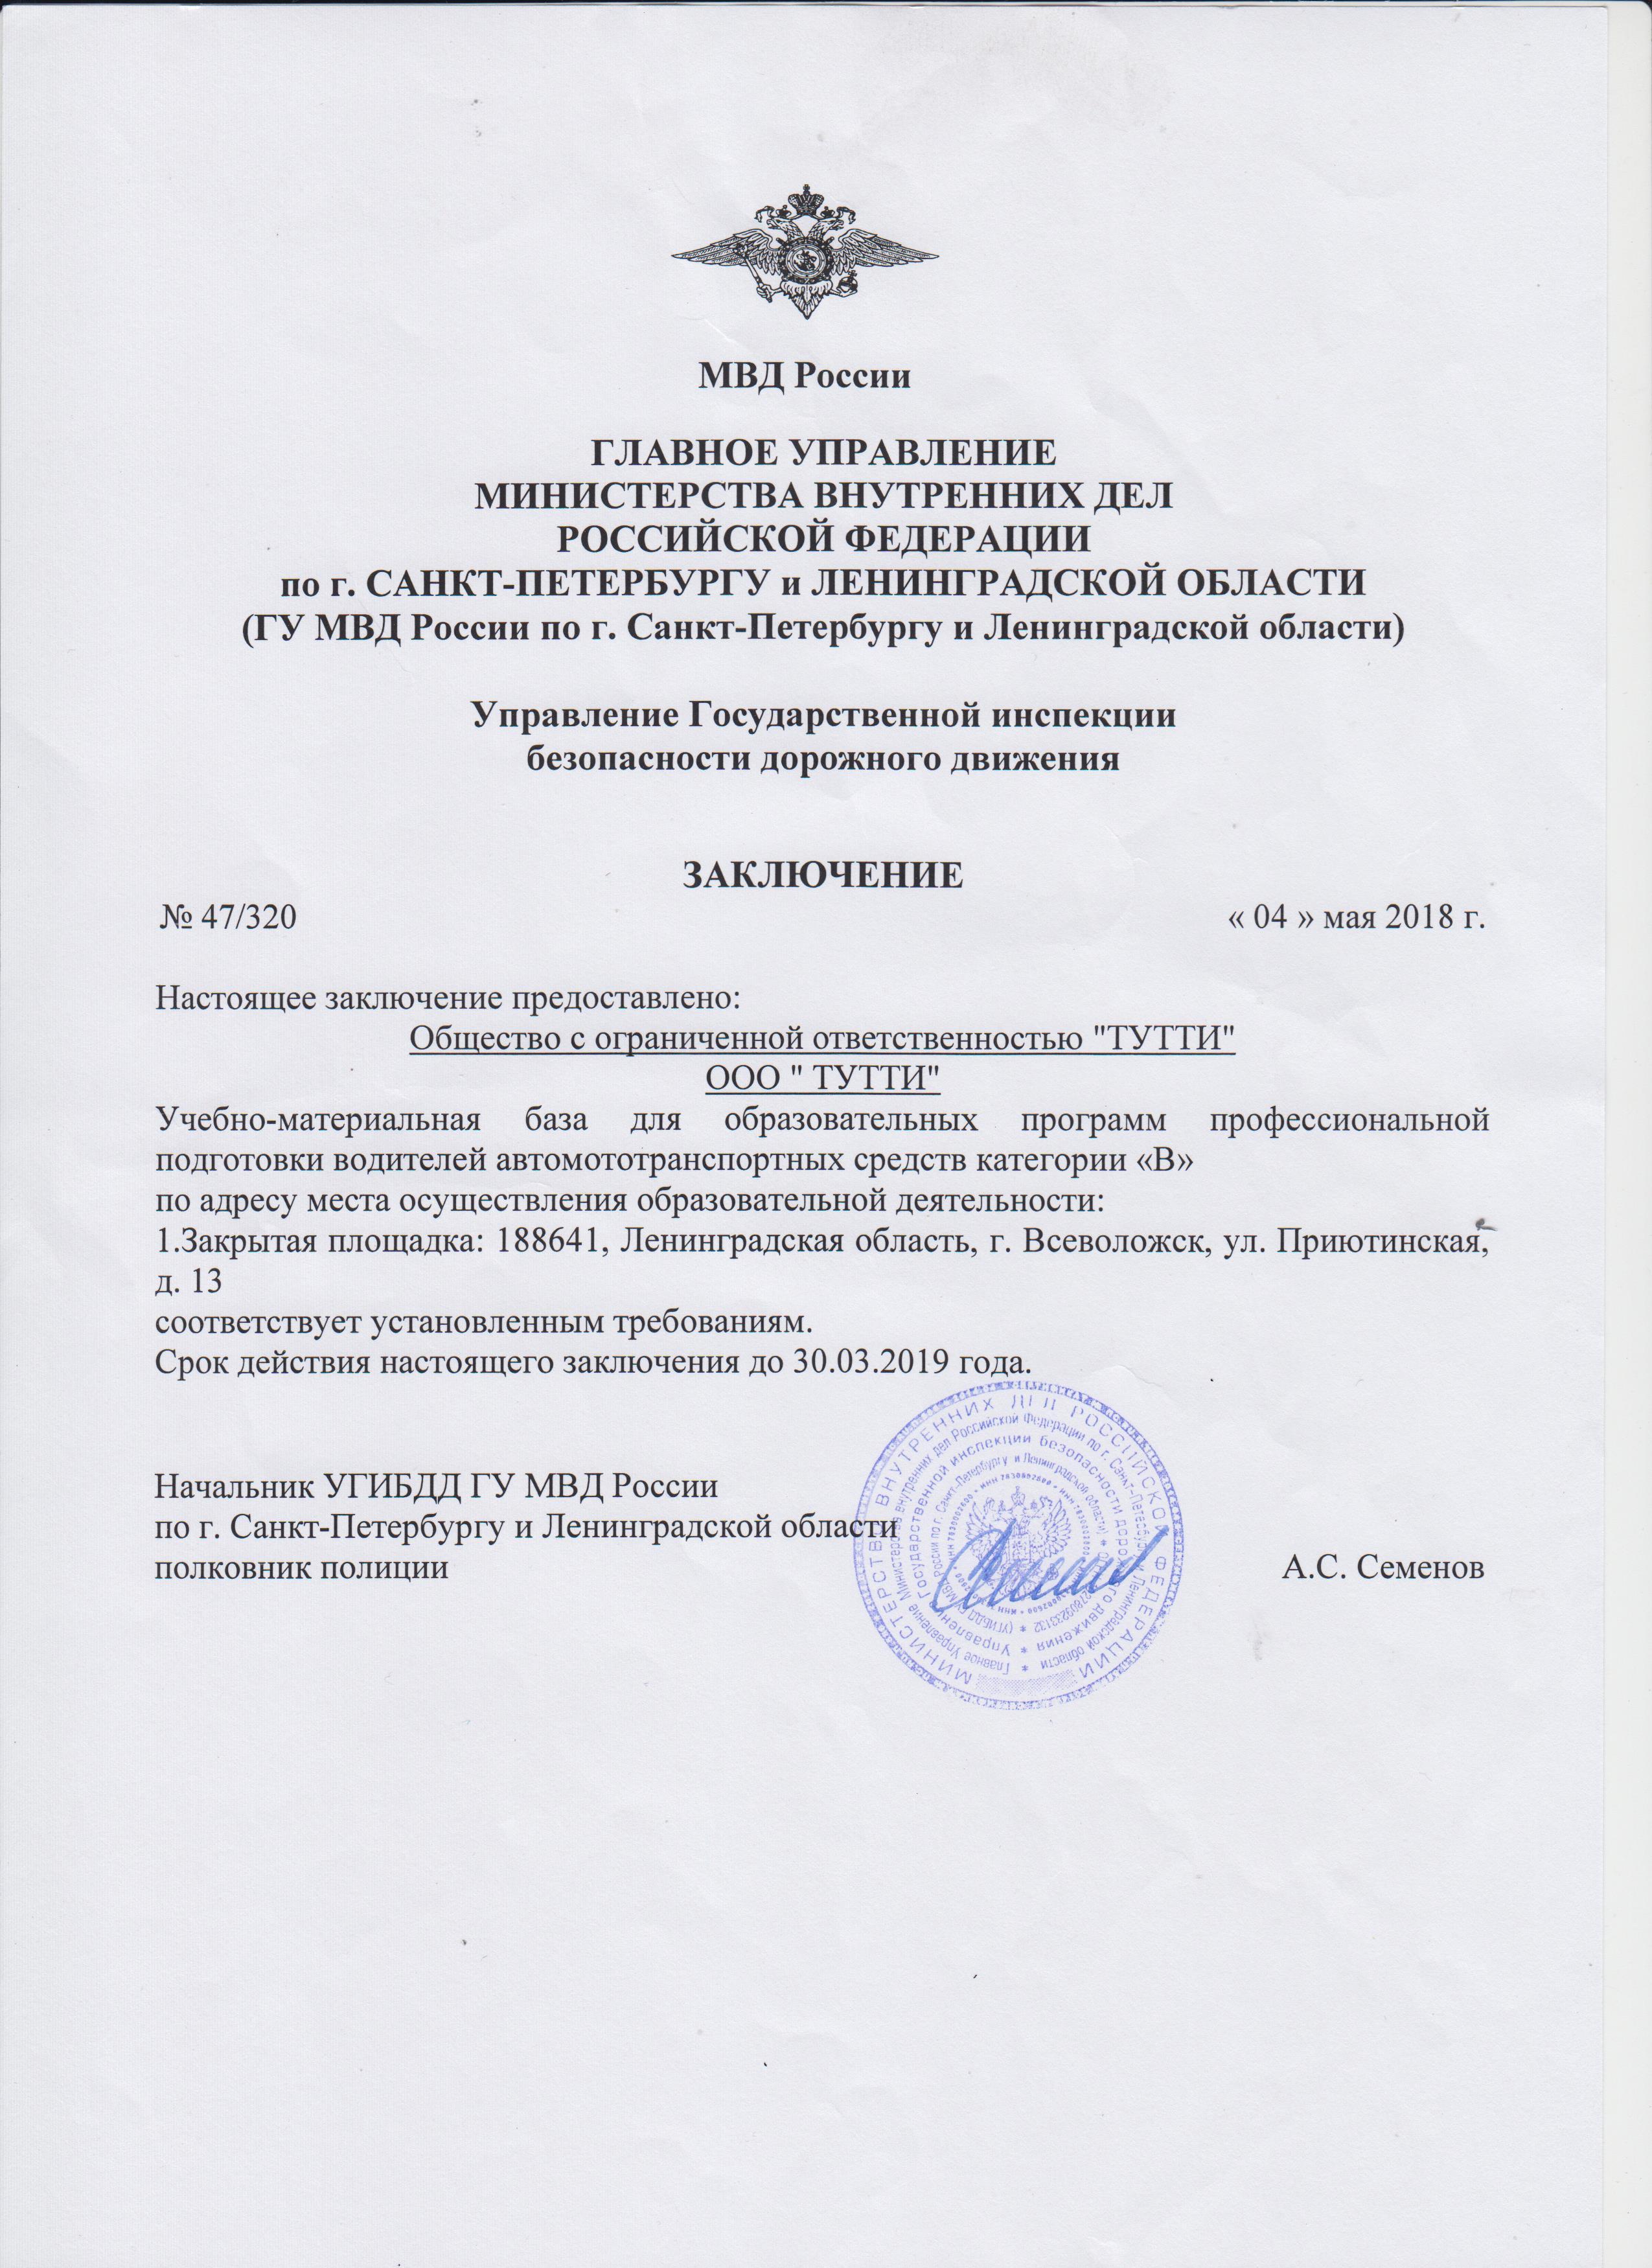 Аттестация автошколы Тутти. Заключение Управления Государственной инспекции безопасности дорожного движения от 4 мая 2018 года.